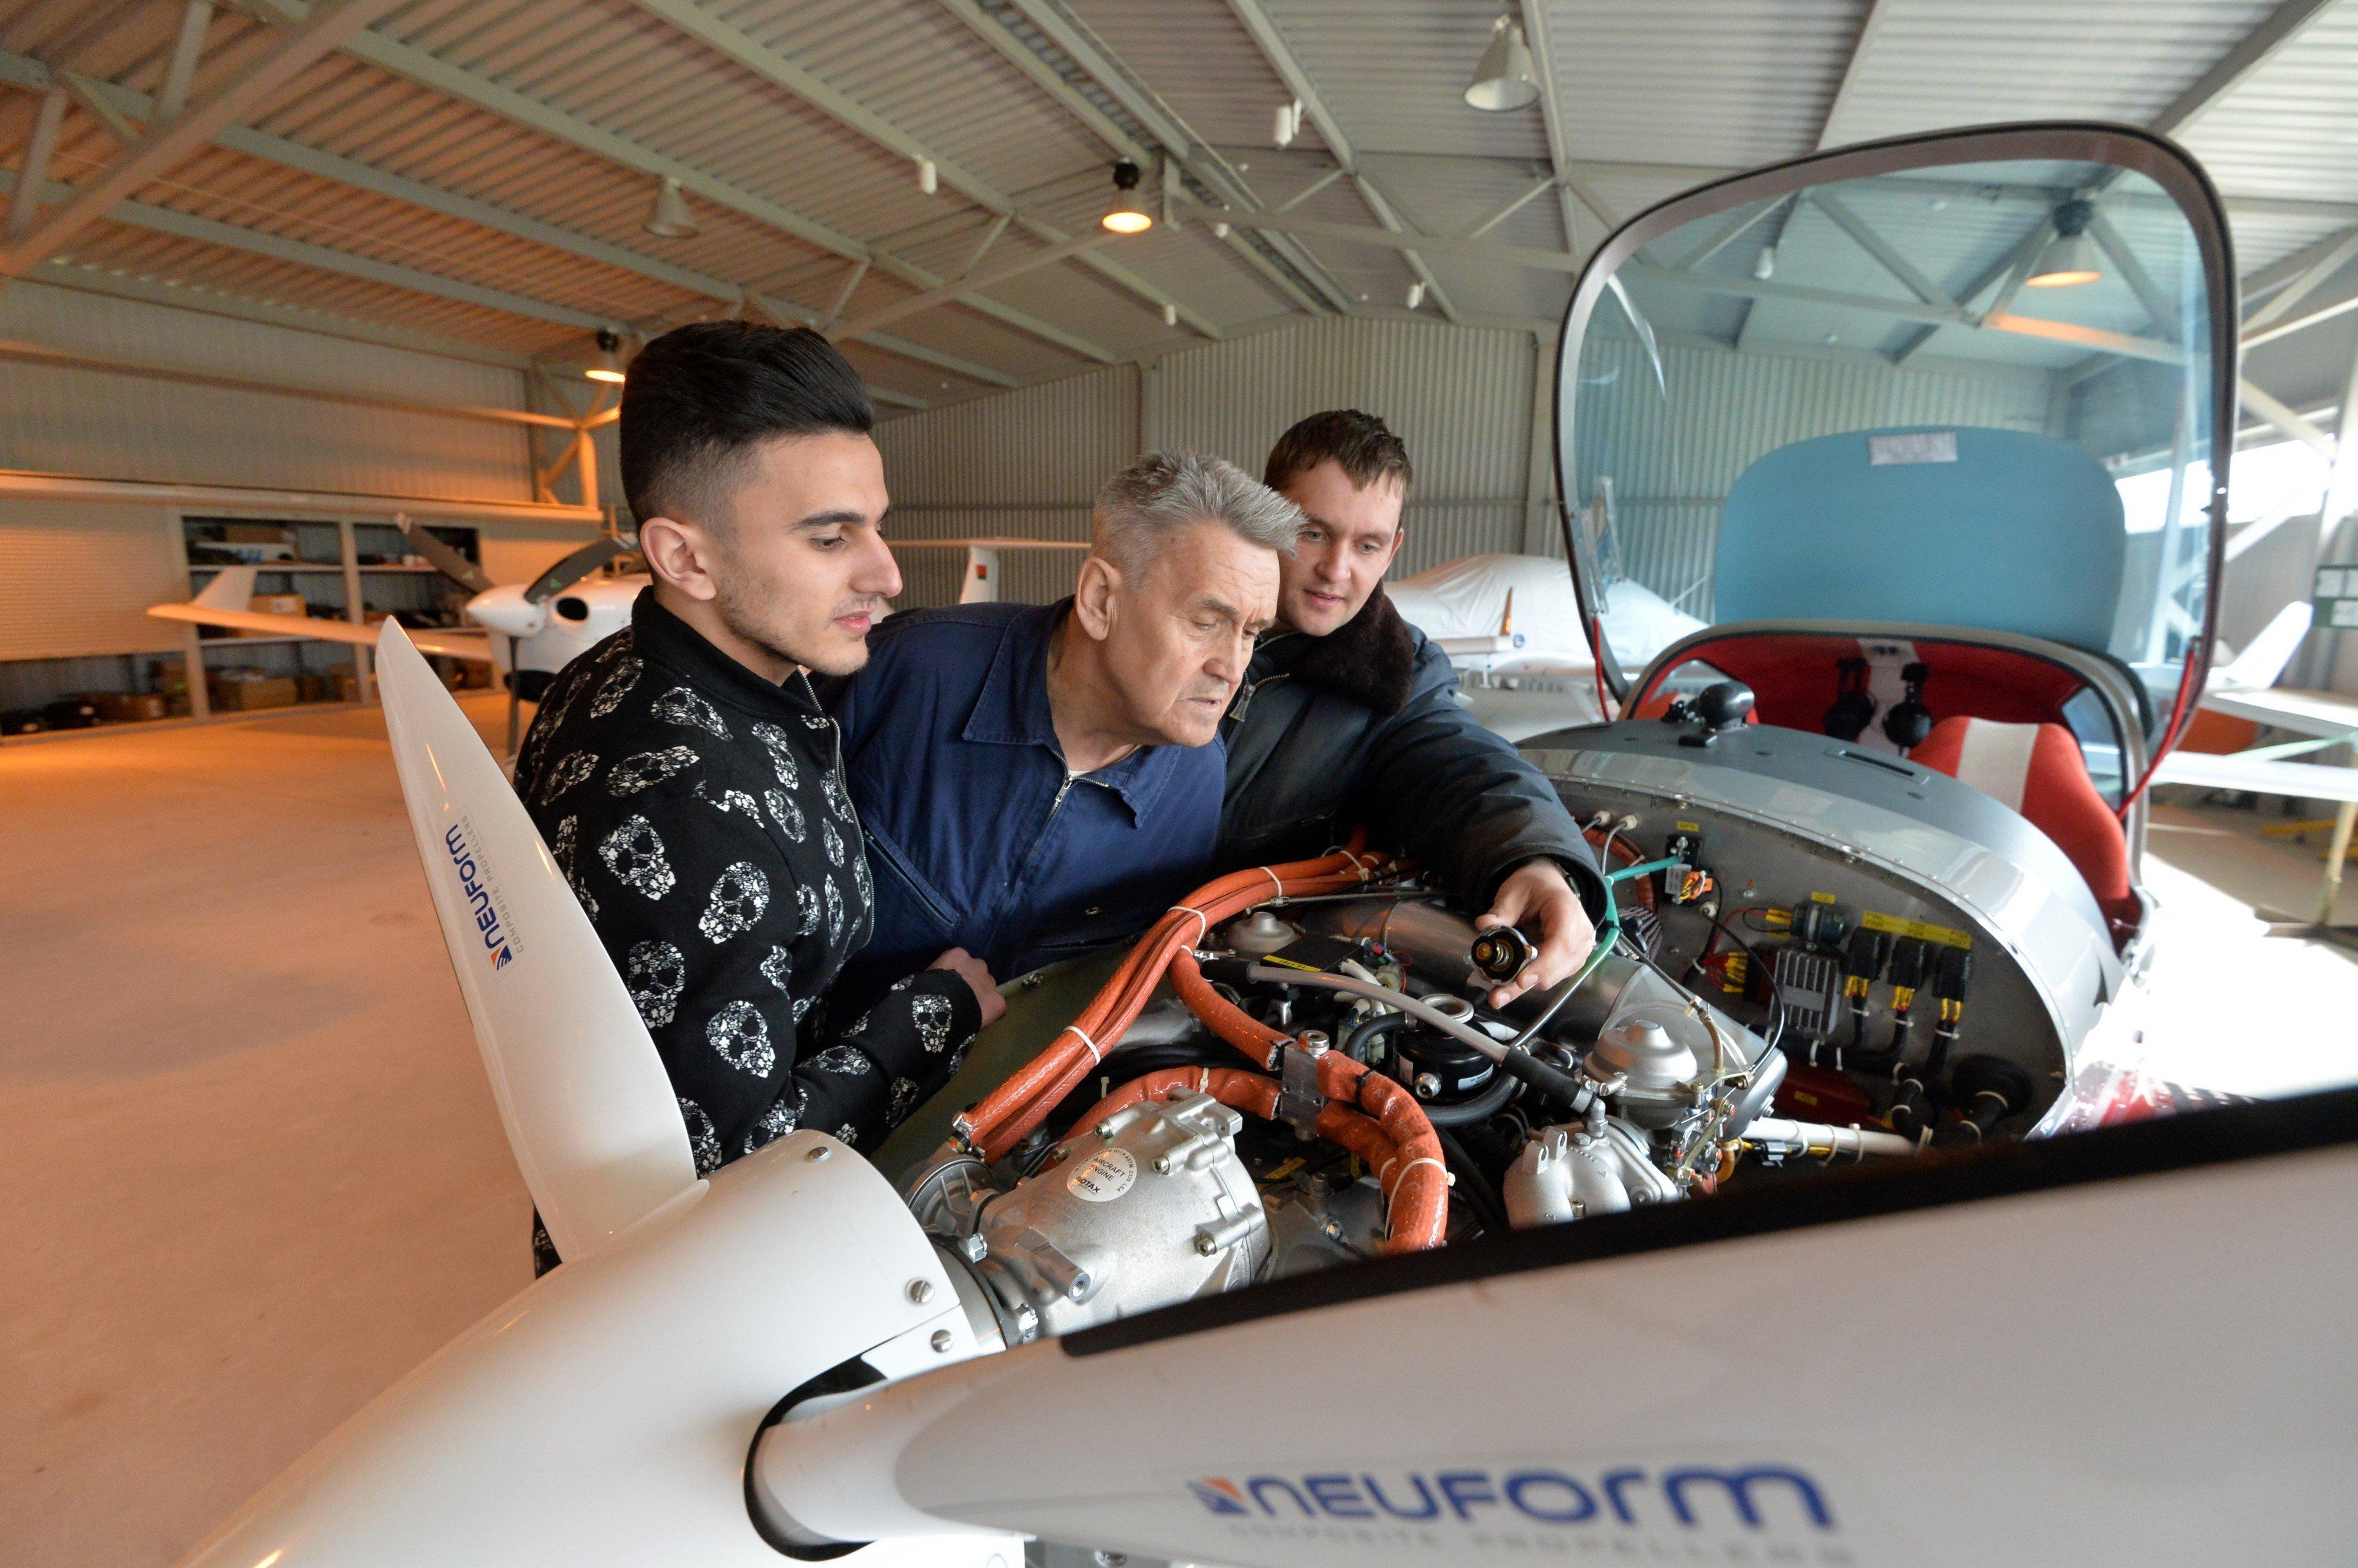 Курсанты осваивают не только навыки пилотирования, но и устройство самолета